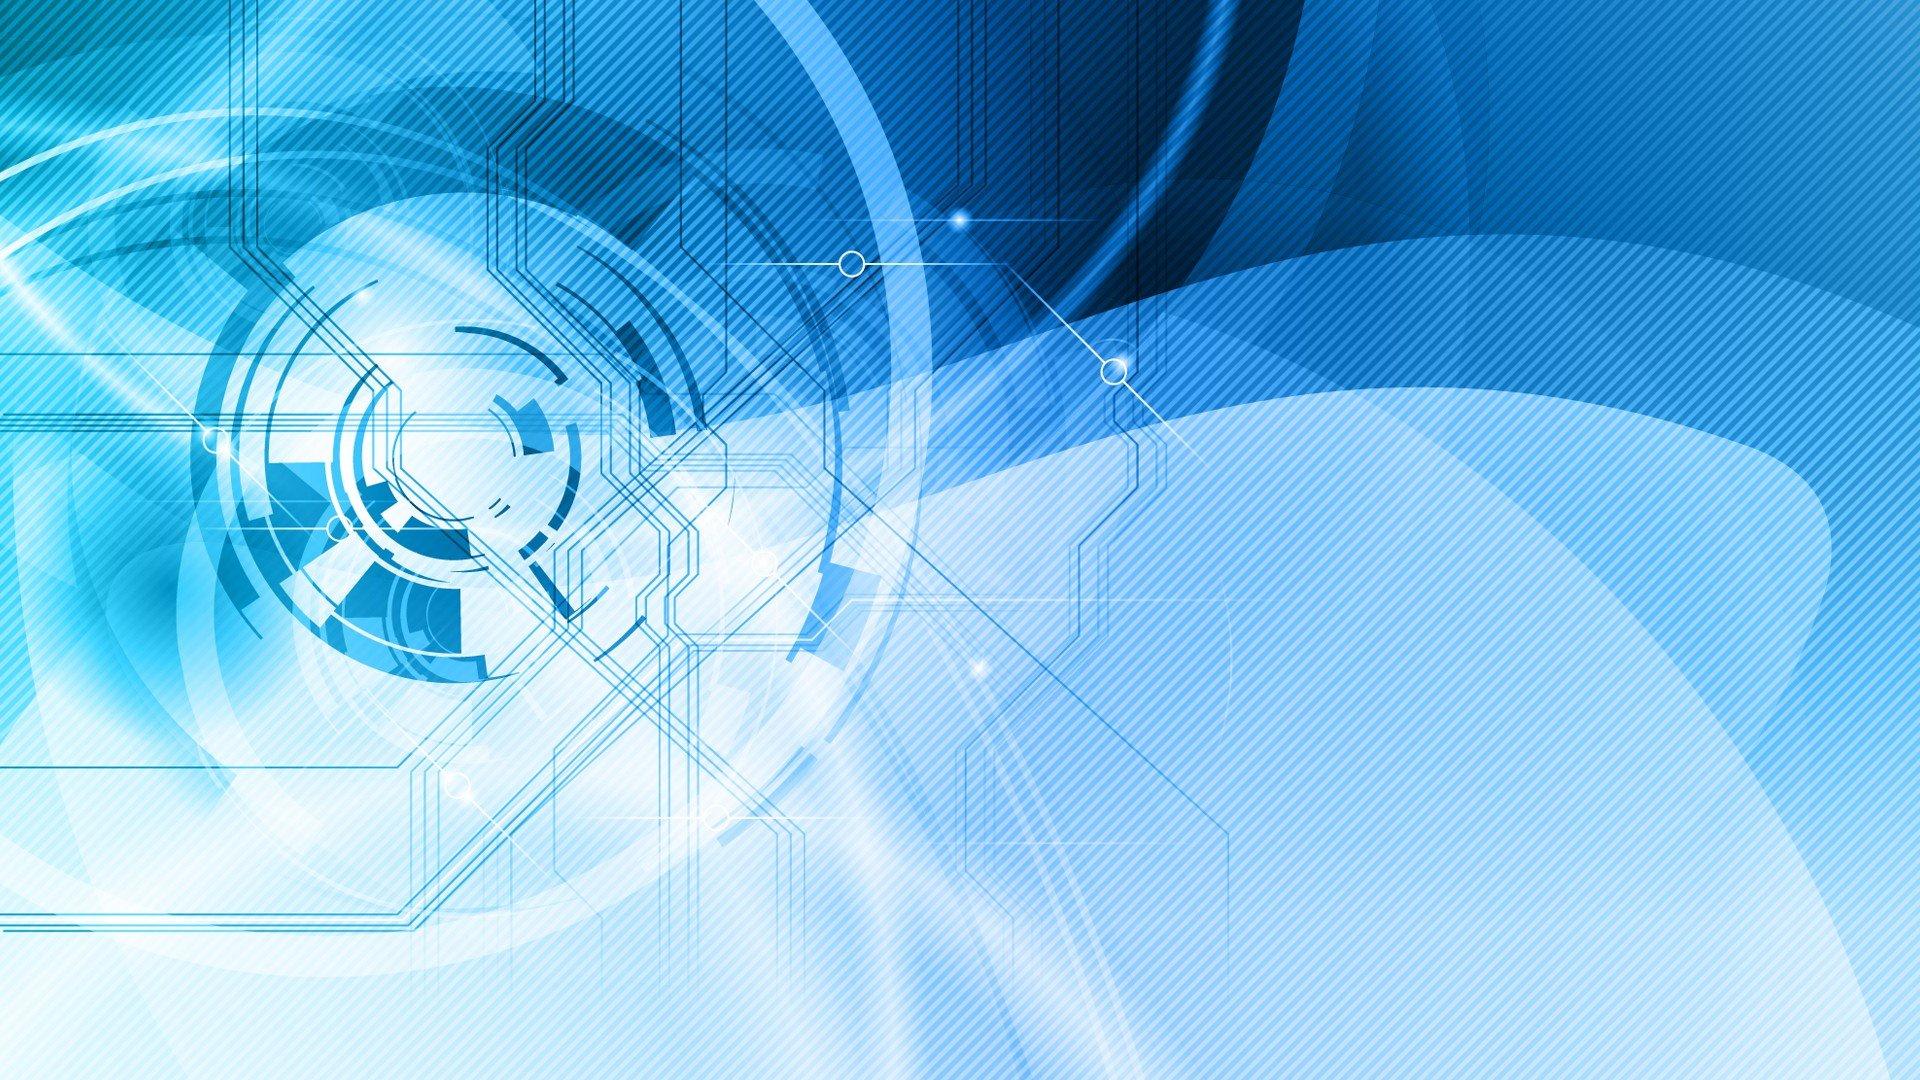 Free Hd Technology Wallpapers Pixelstalknet